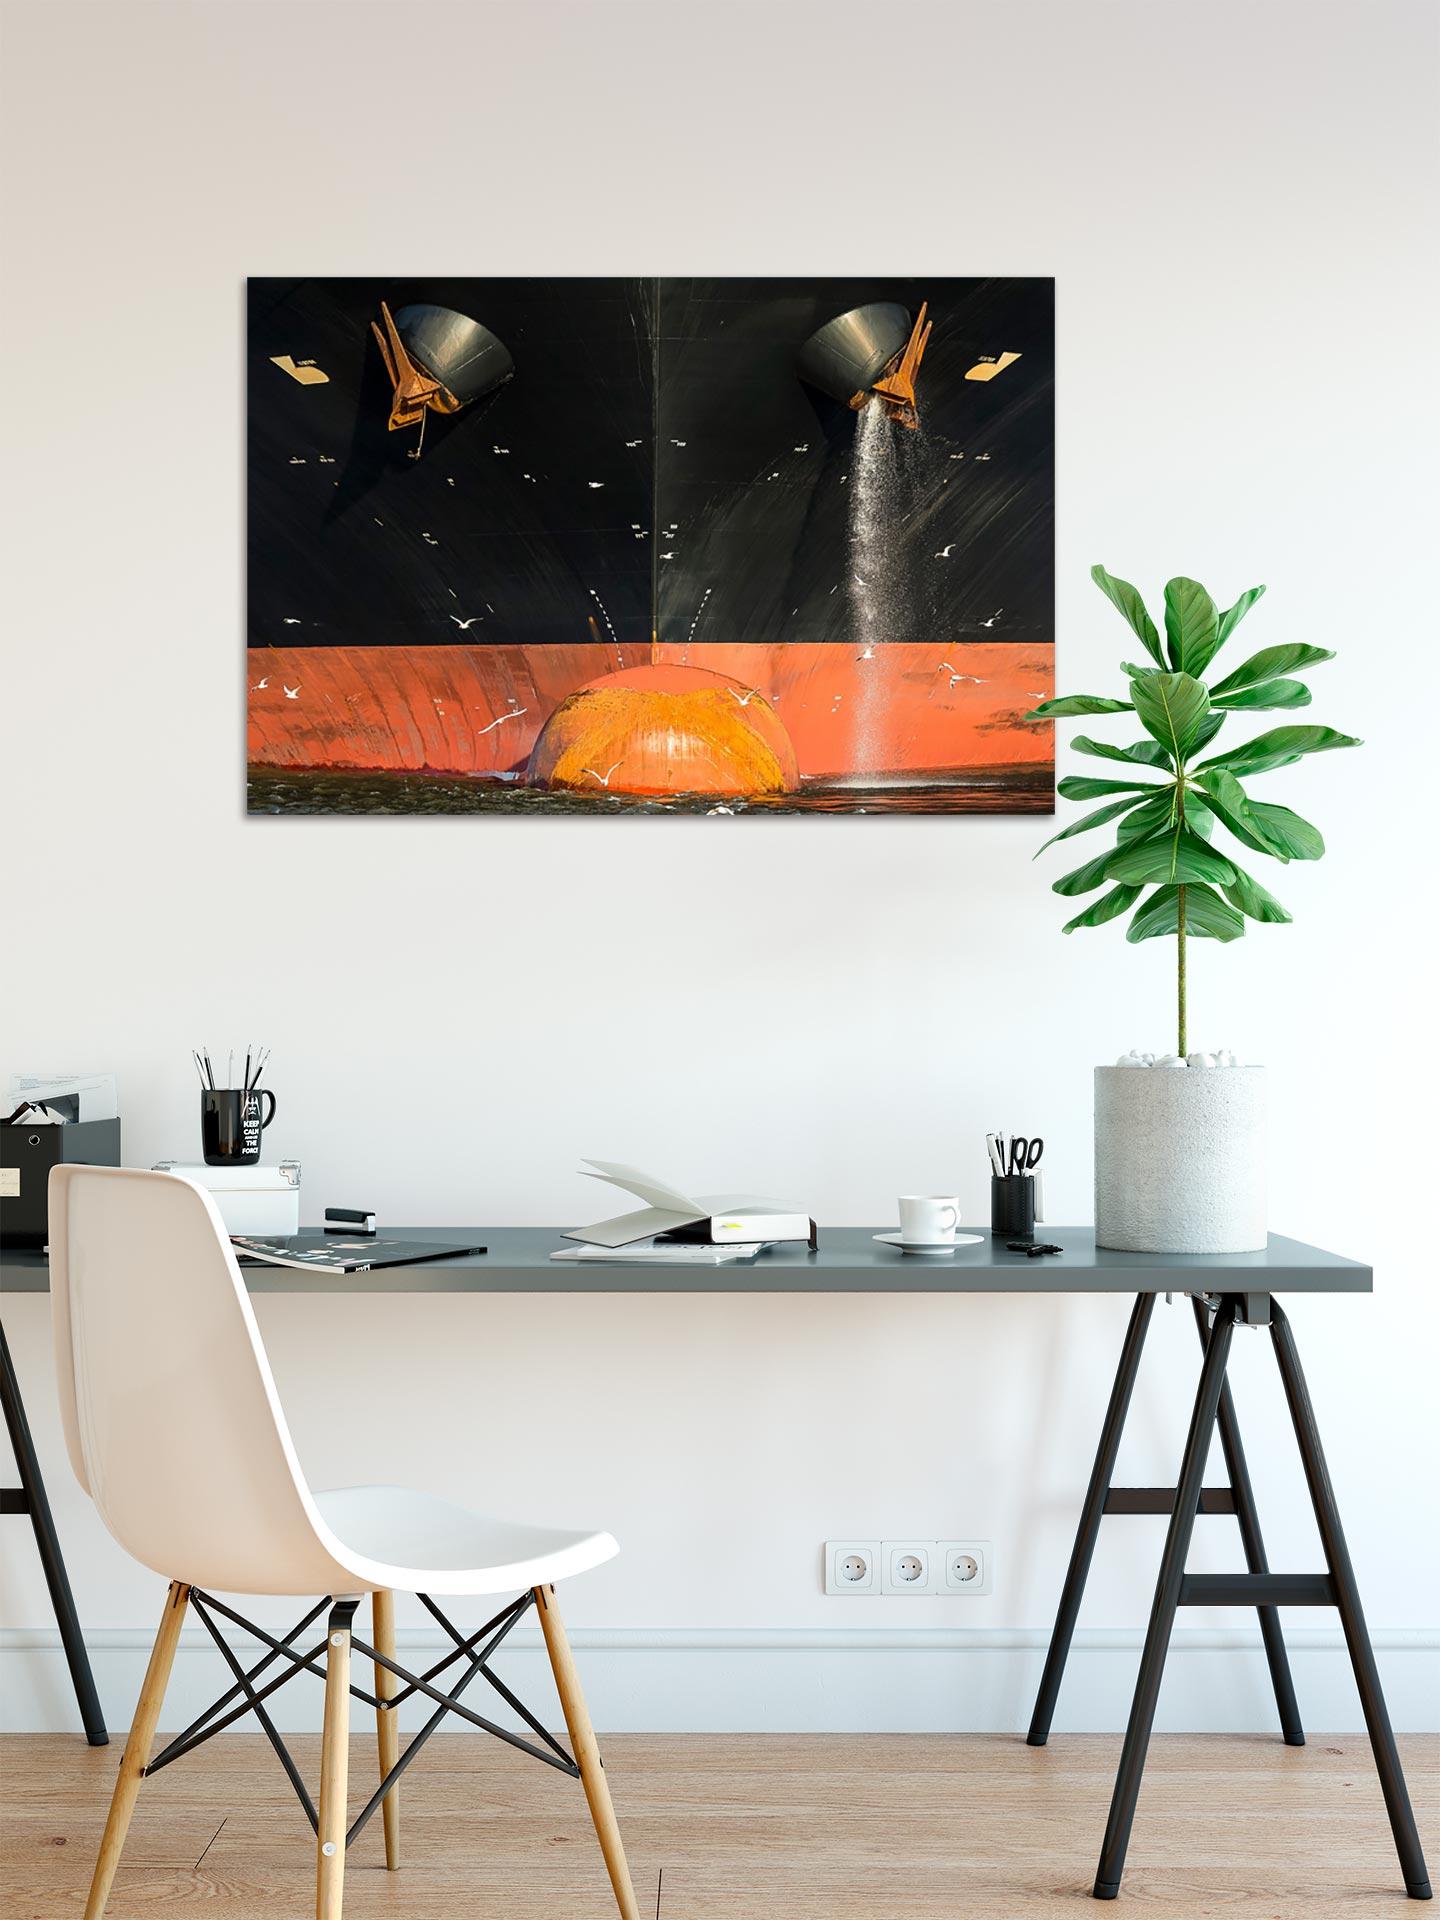 JS067-bug-hamburg-wandbild-bild-auf-leinwand-acrylglas-aludibond-arbeitszimmer